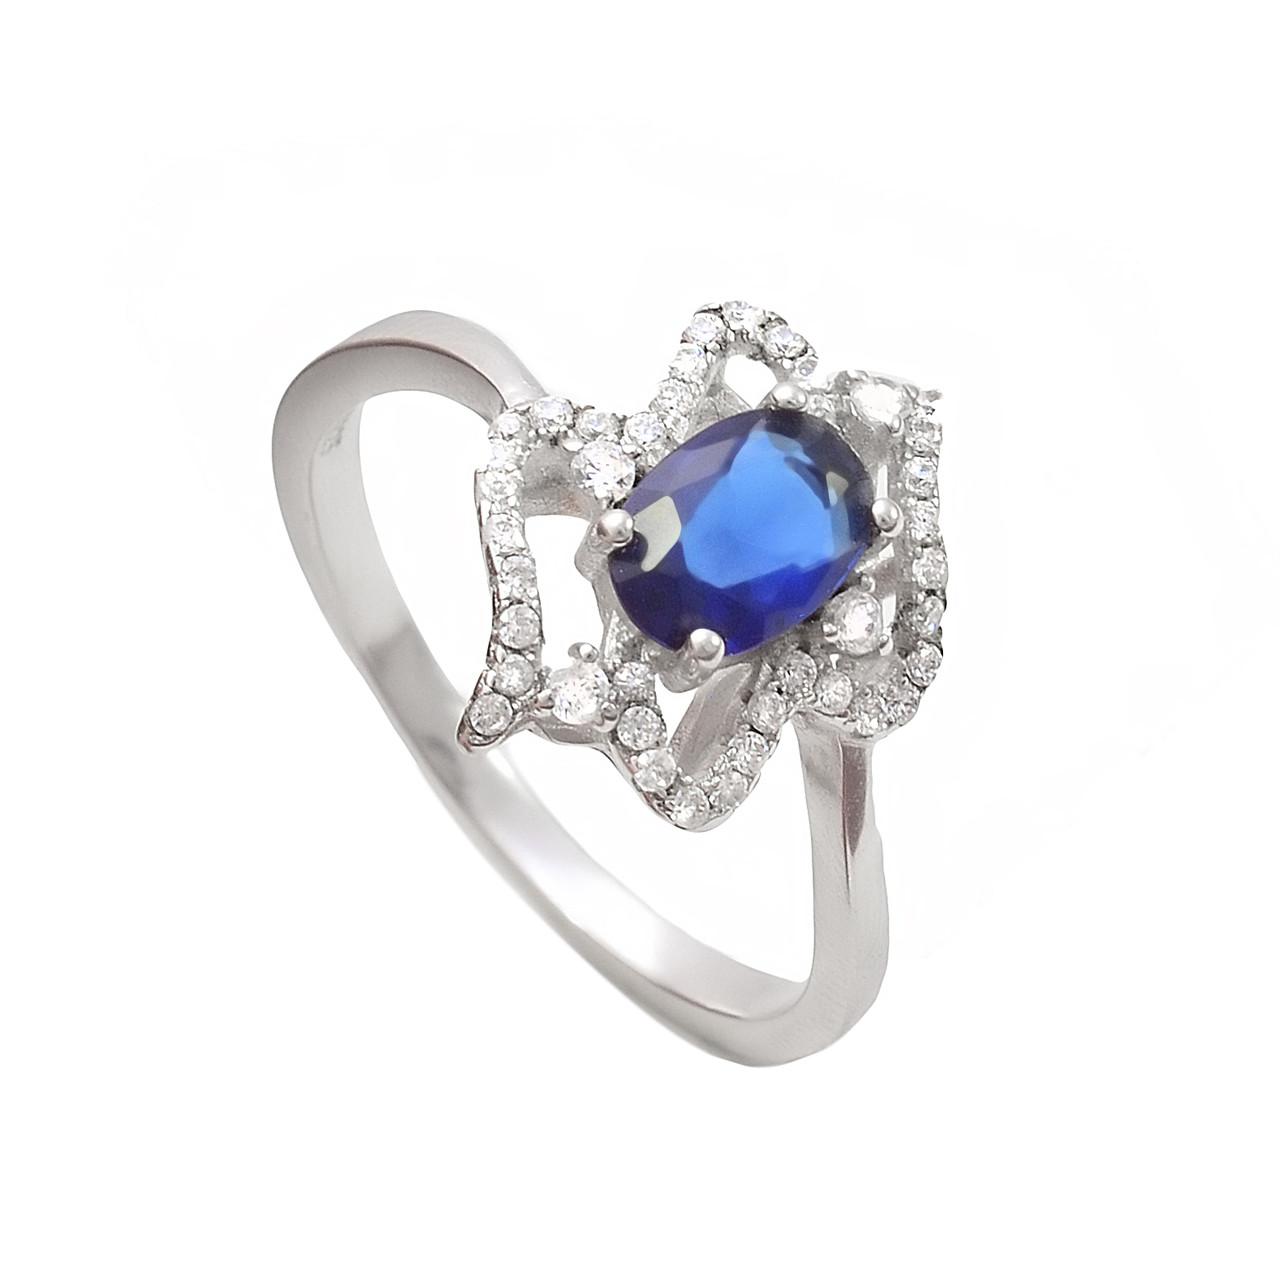 Серебряное кольцо с цирконом - Магия Золота  в Кривом Роге